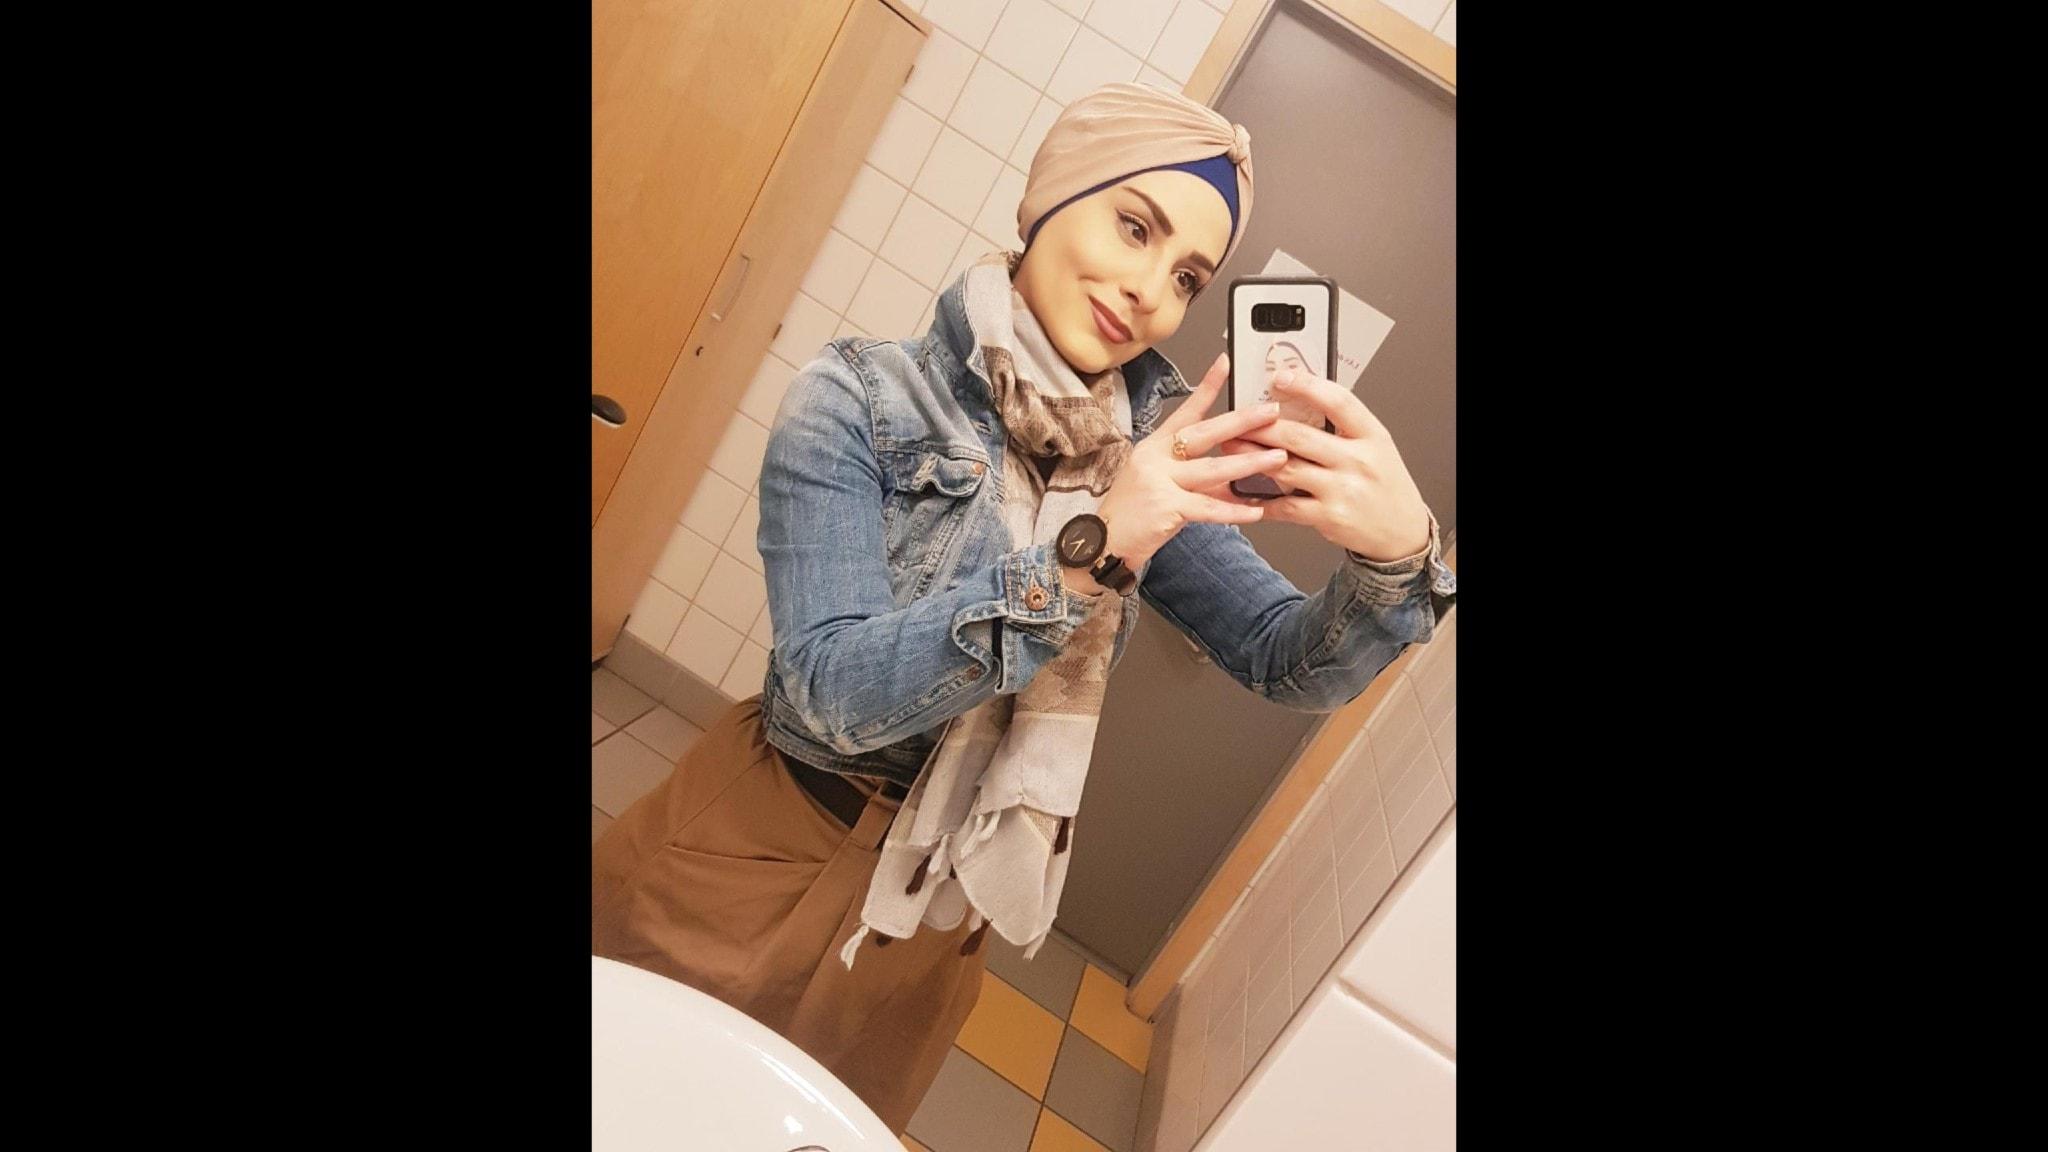 Ayah Abuawad om krisen i den svenska skolan